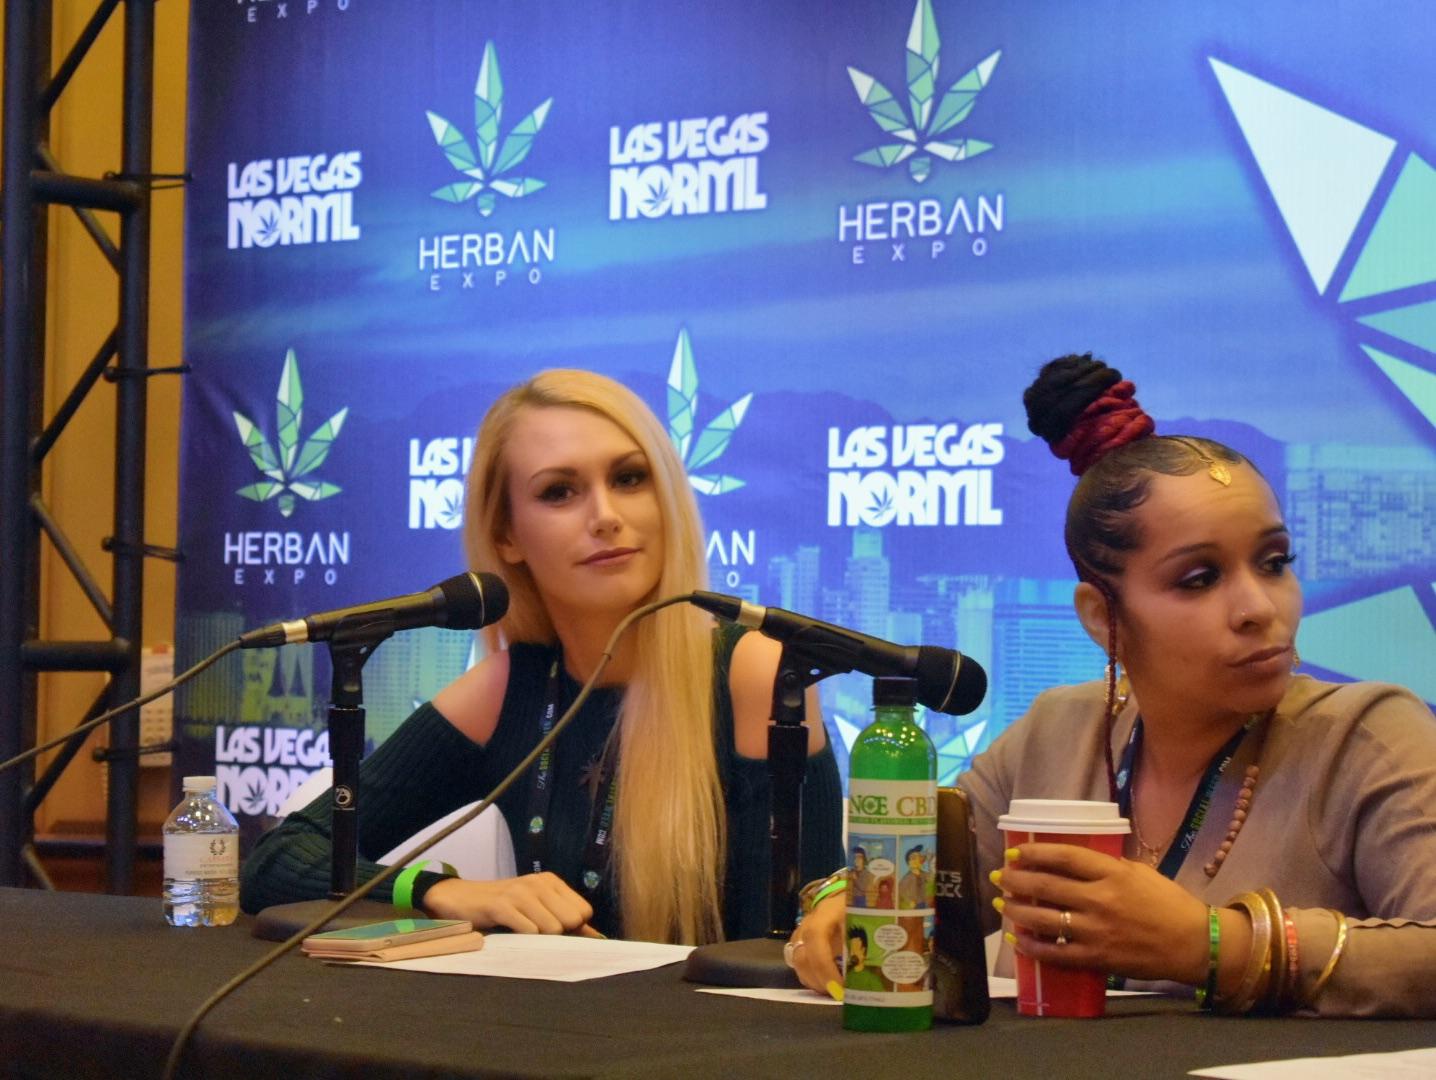 HerbanE1